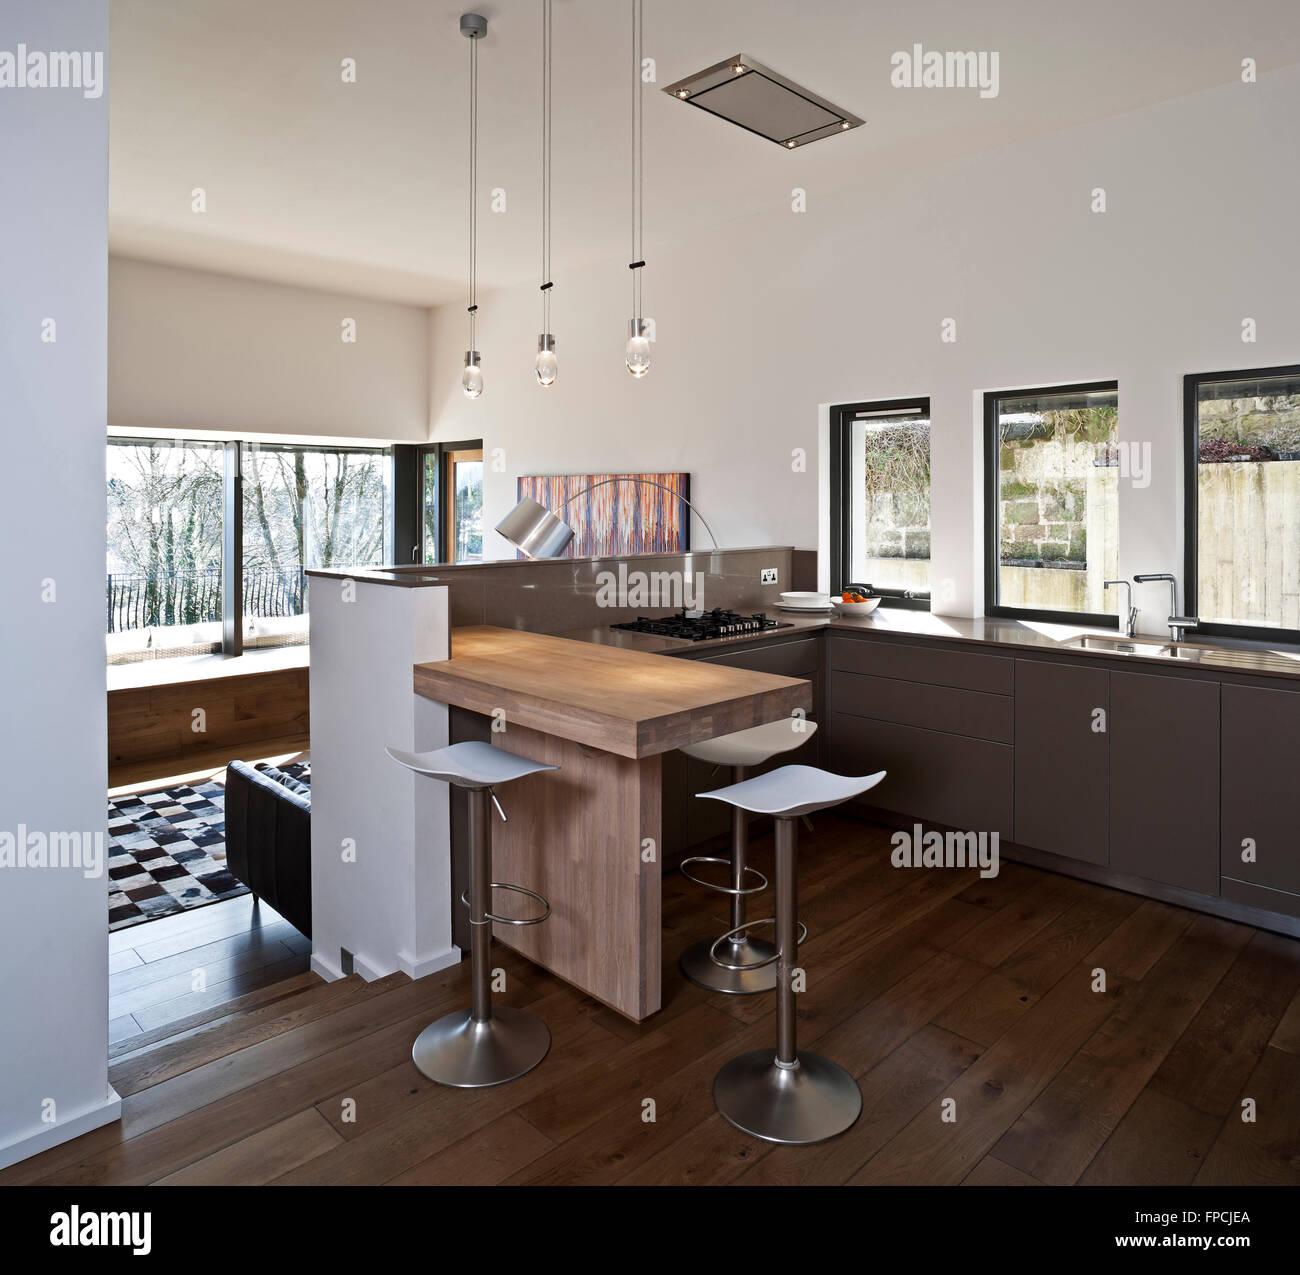 Beeindruckend Offene Küche Galerie Von Die Küche Und Wohnbereich Von Einem -wohnung